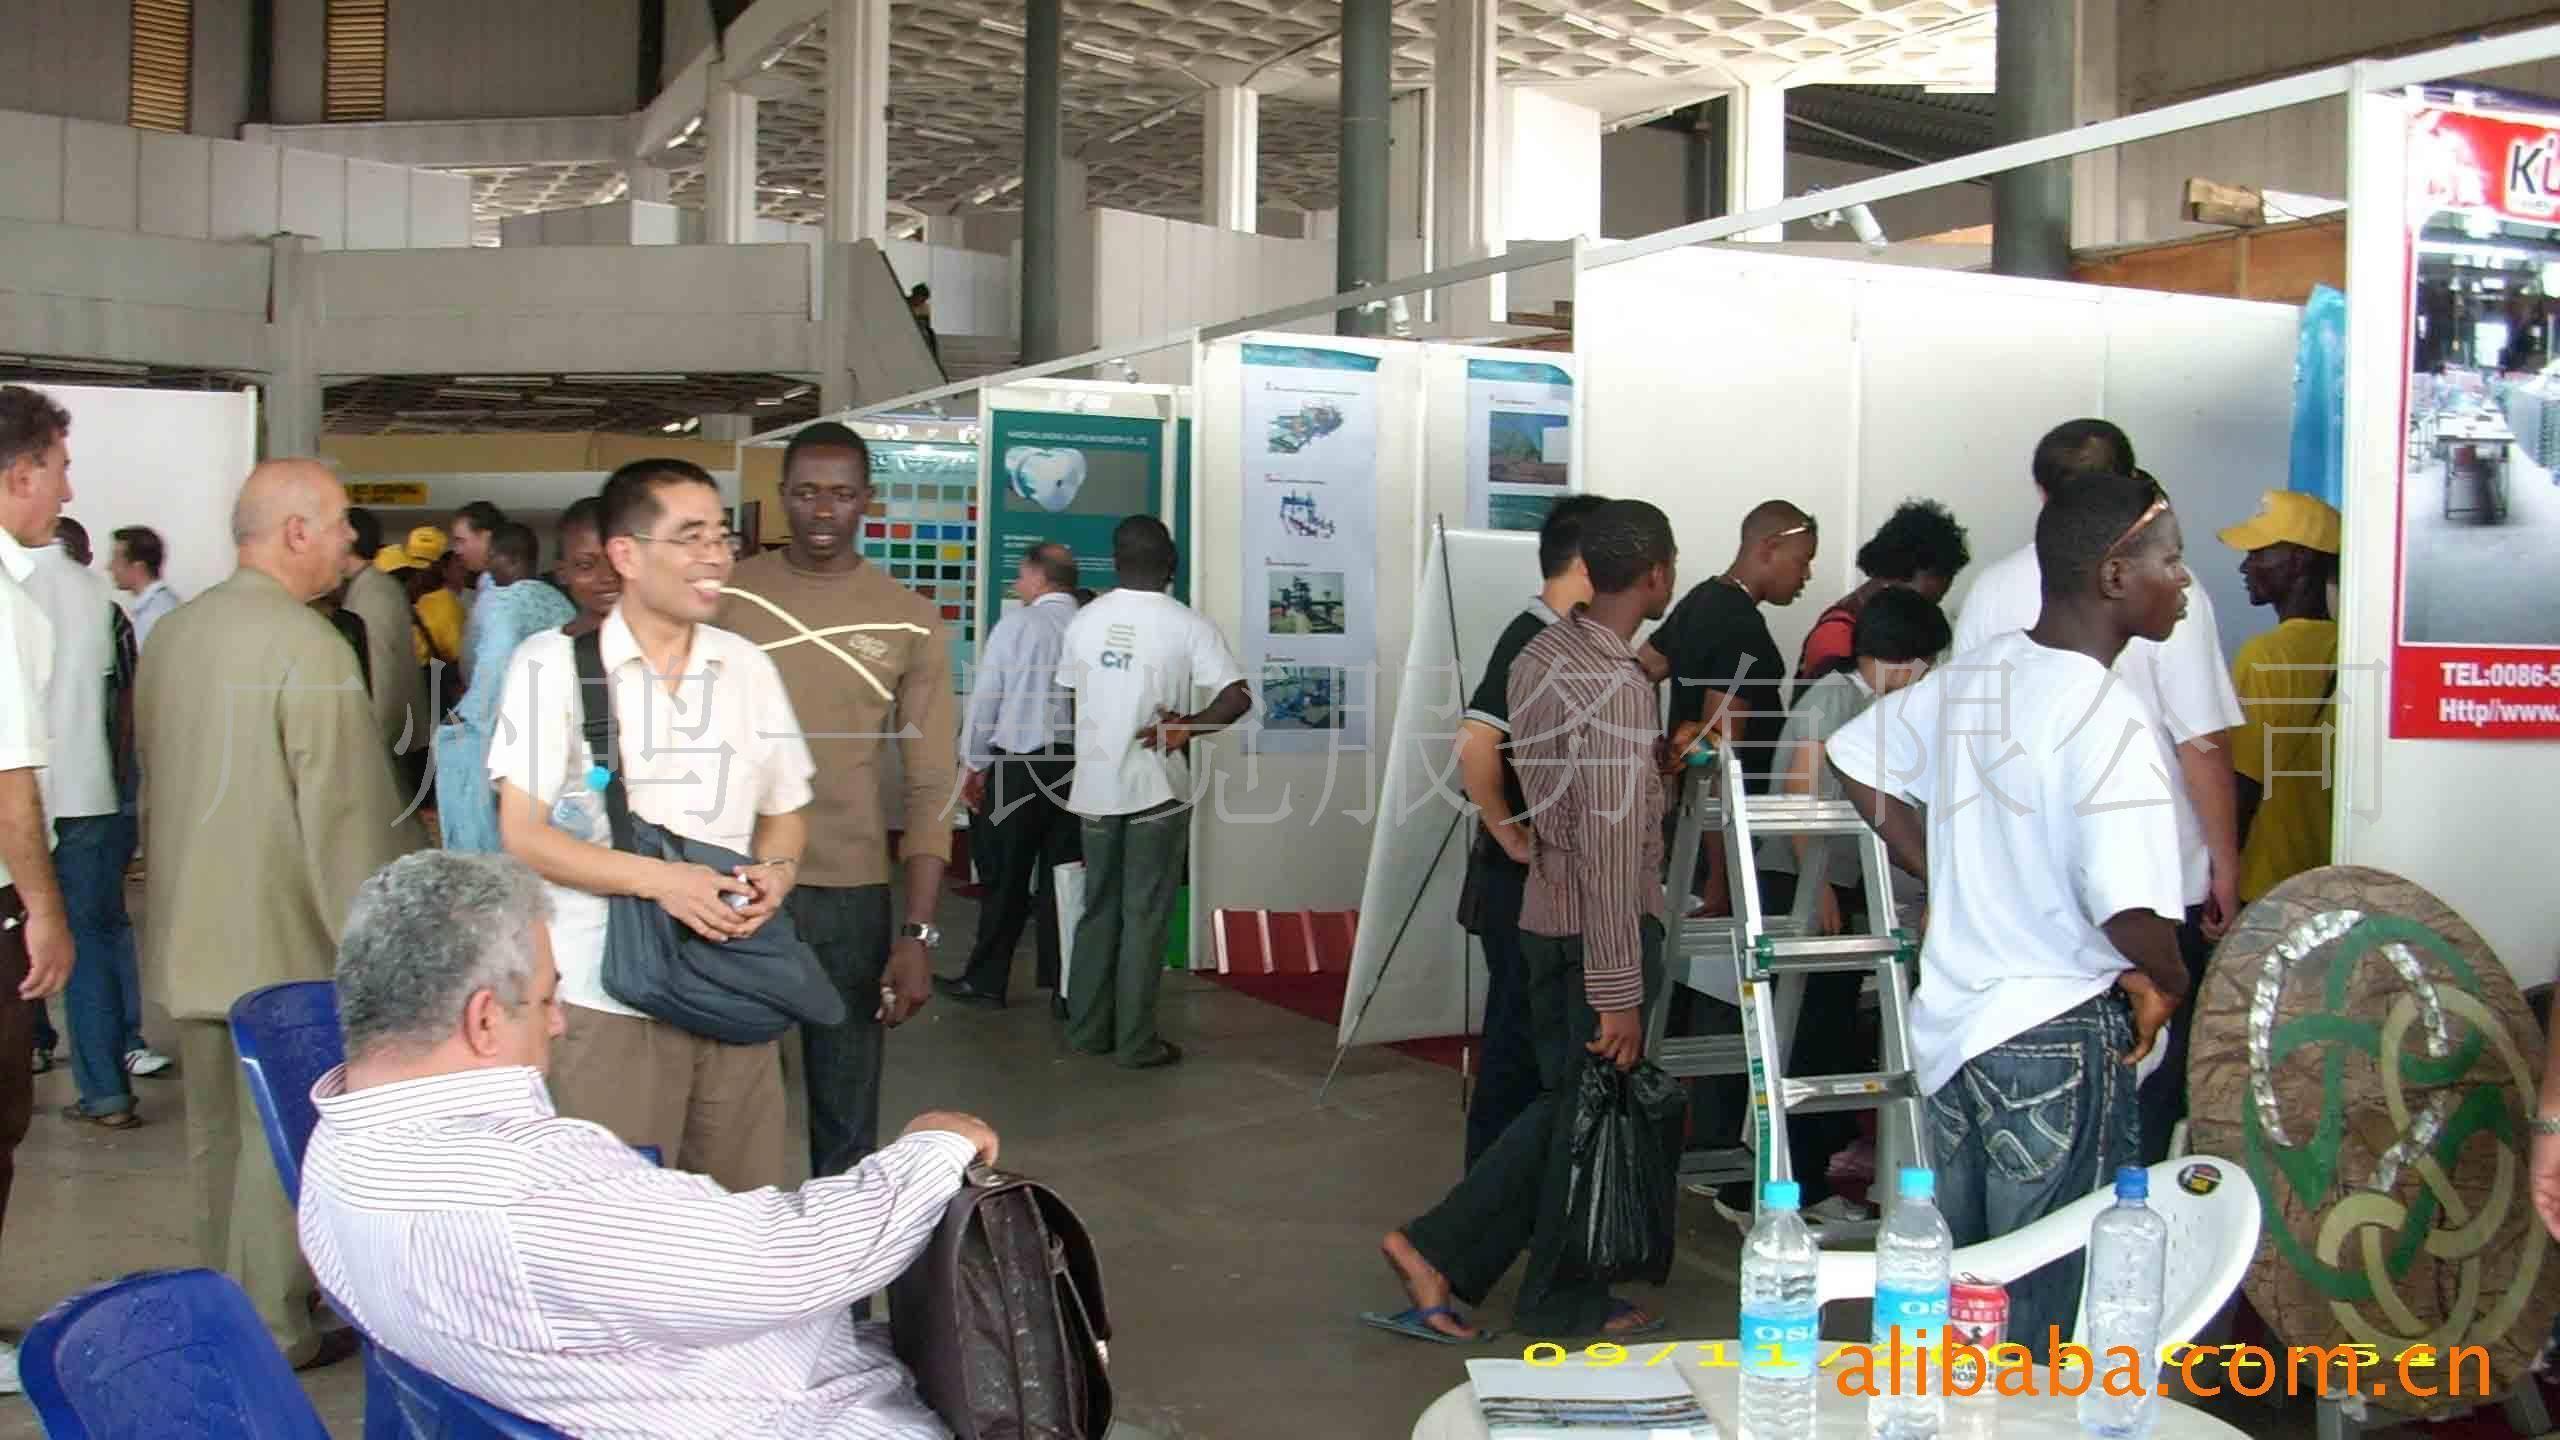 2010 25ND INTERNATIONAL AUTUMN  TRADE  FAIR in Dubai